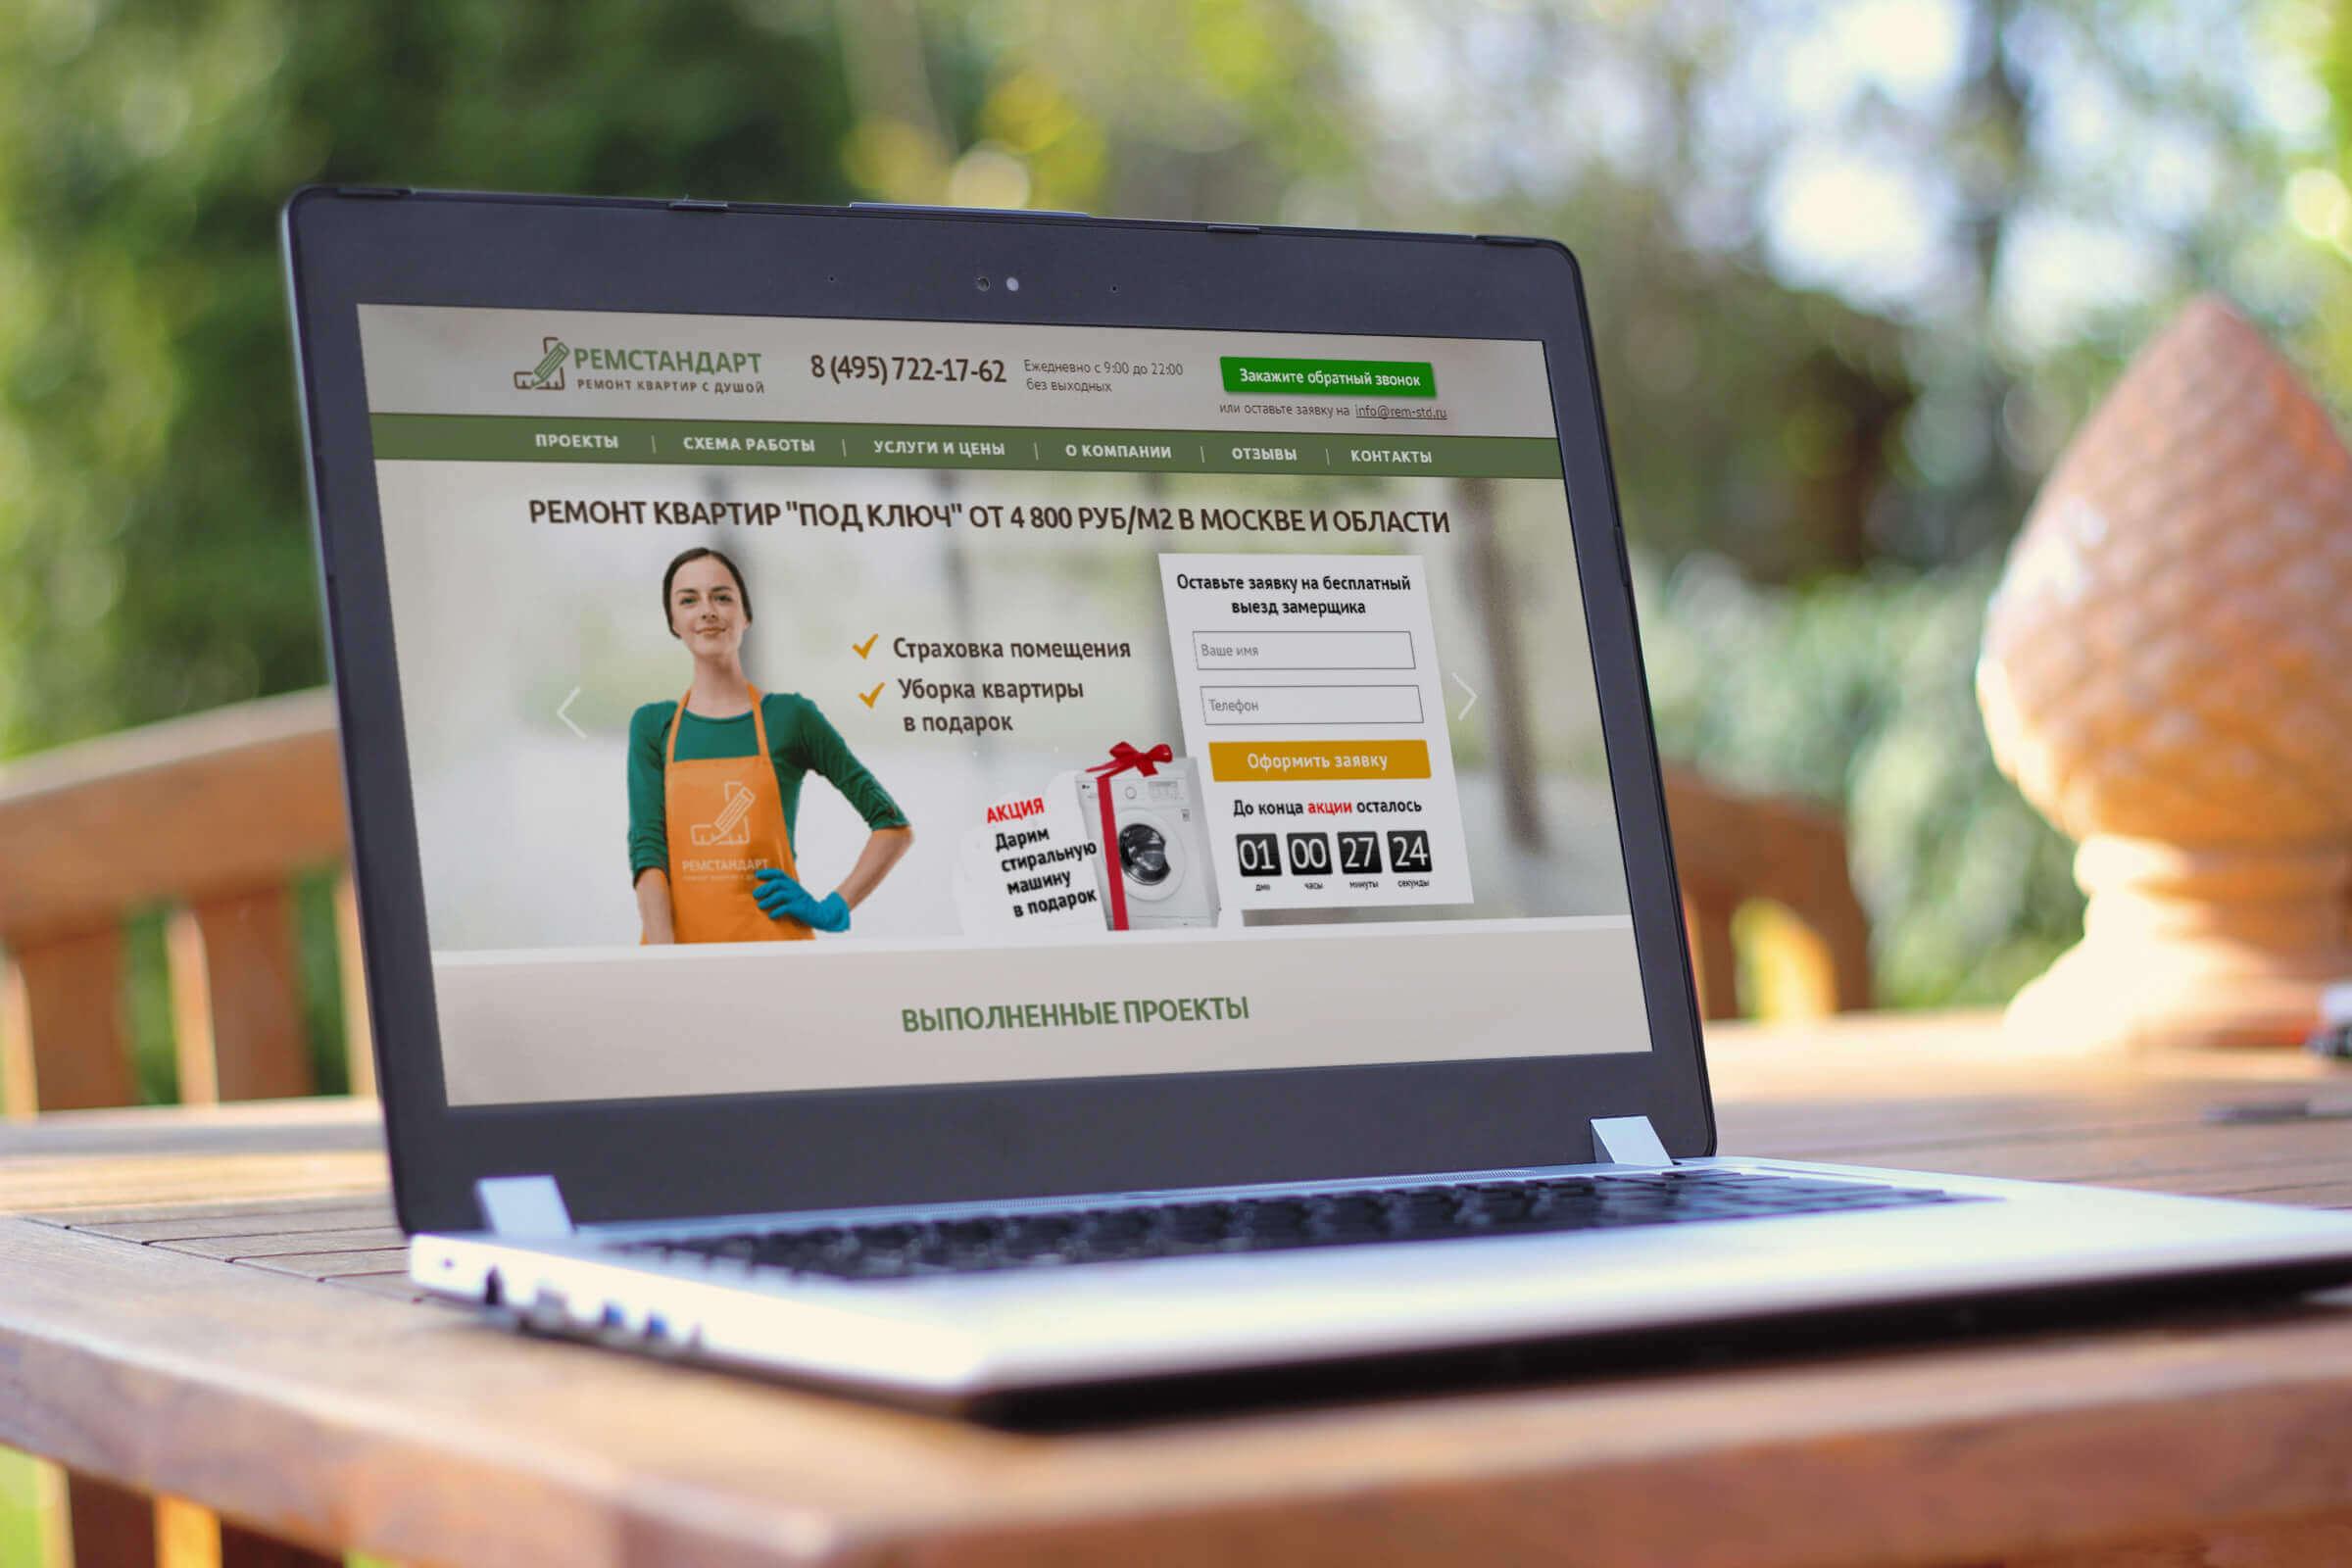 Какова цель вашей целевой страницы электронной коммерции?